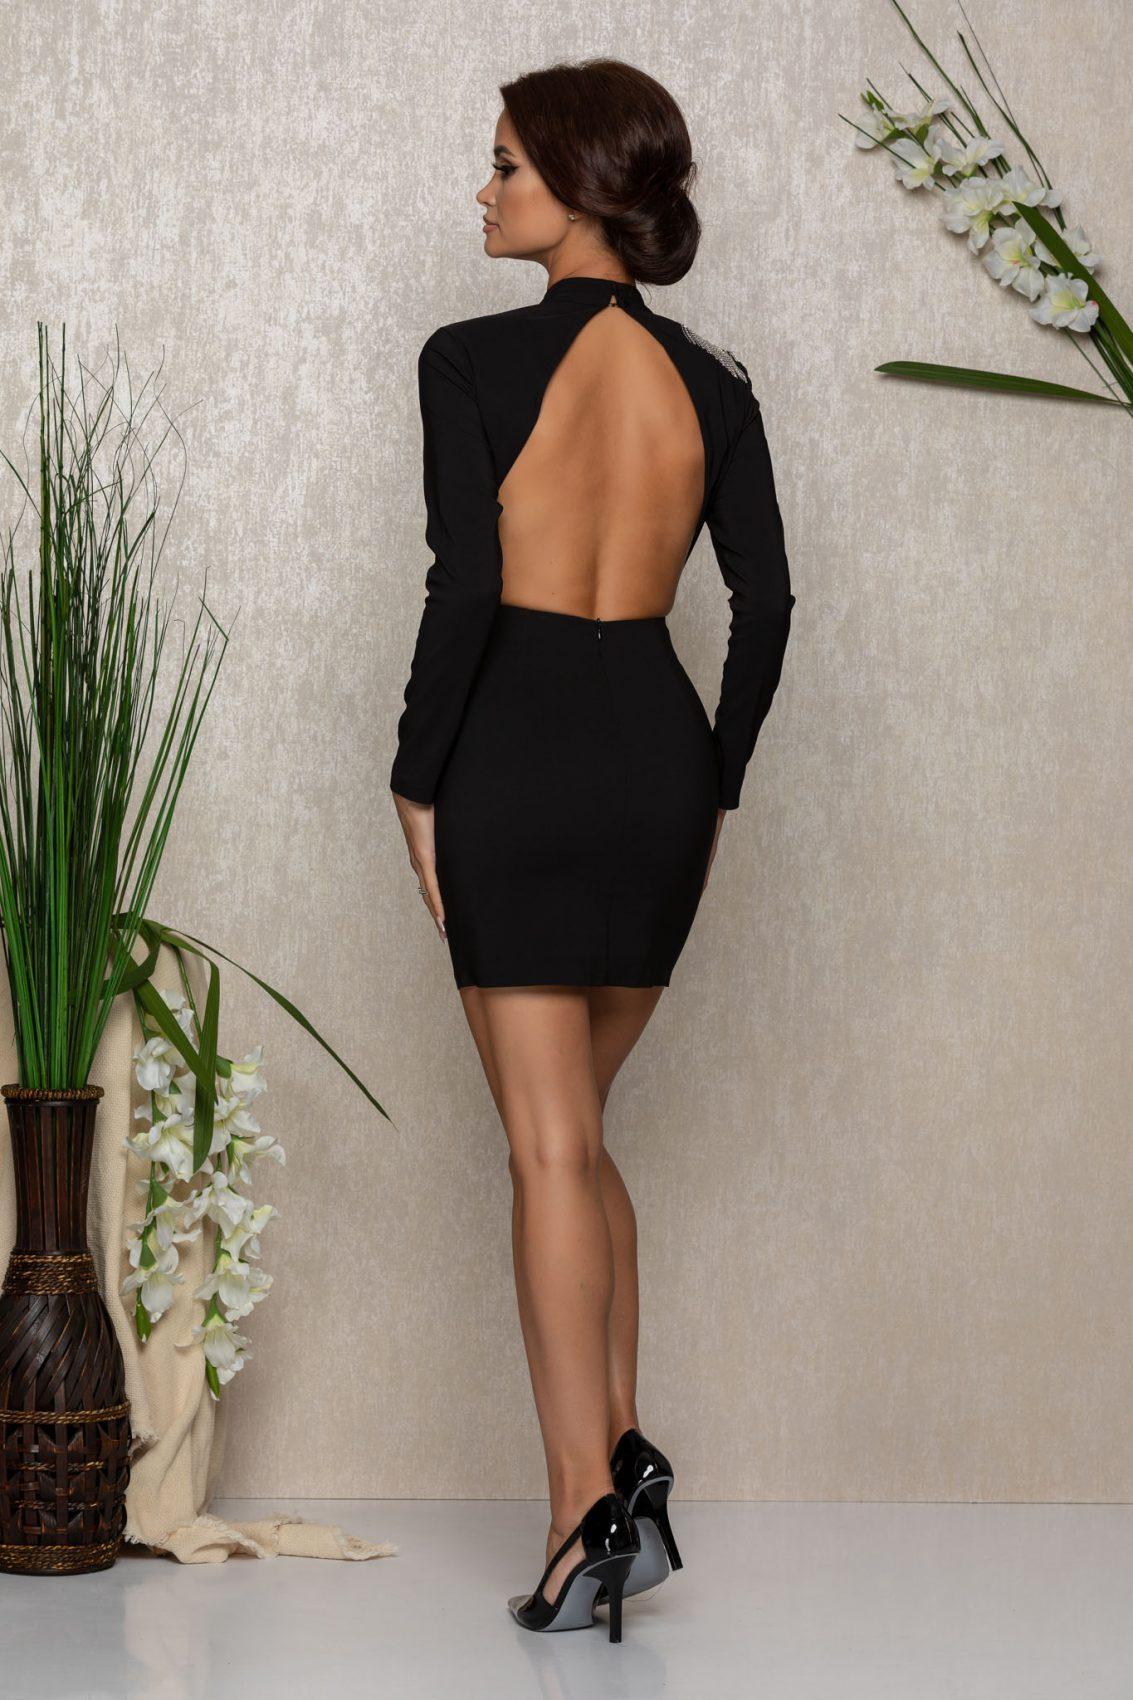 Μαύρο Μίνι Εξώπλατο Φόρεμα Misty 1067 2